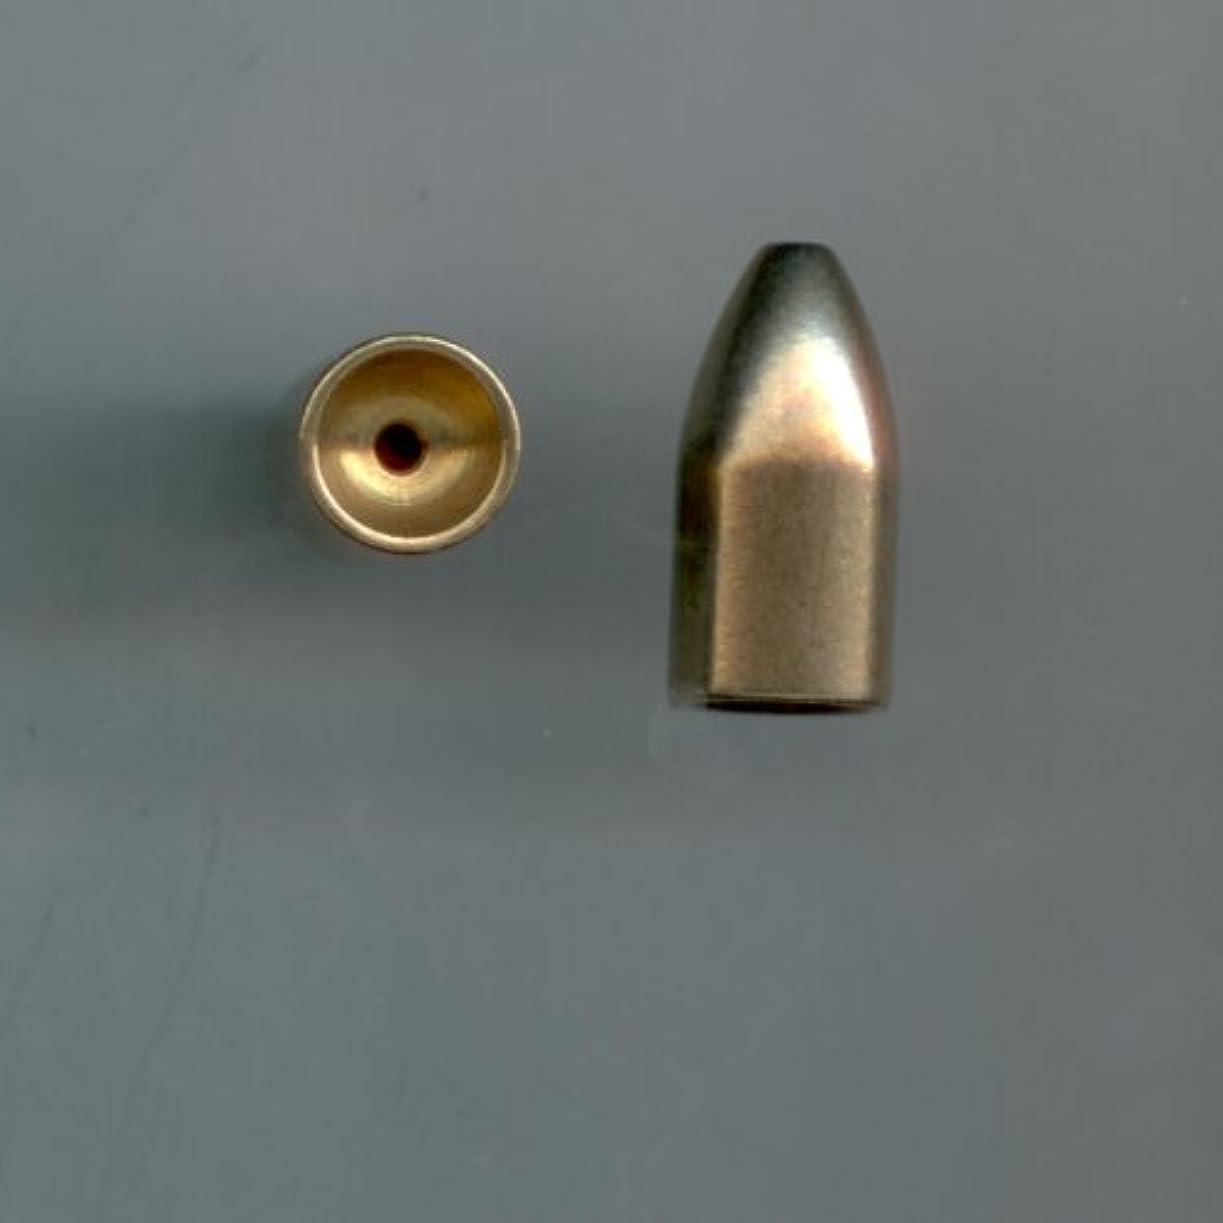 すごい期待傾いた1 / 4oz真鍮Bullet Sinkers , 10 per pack by S & J 'sタックルボックス